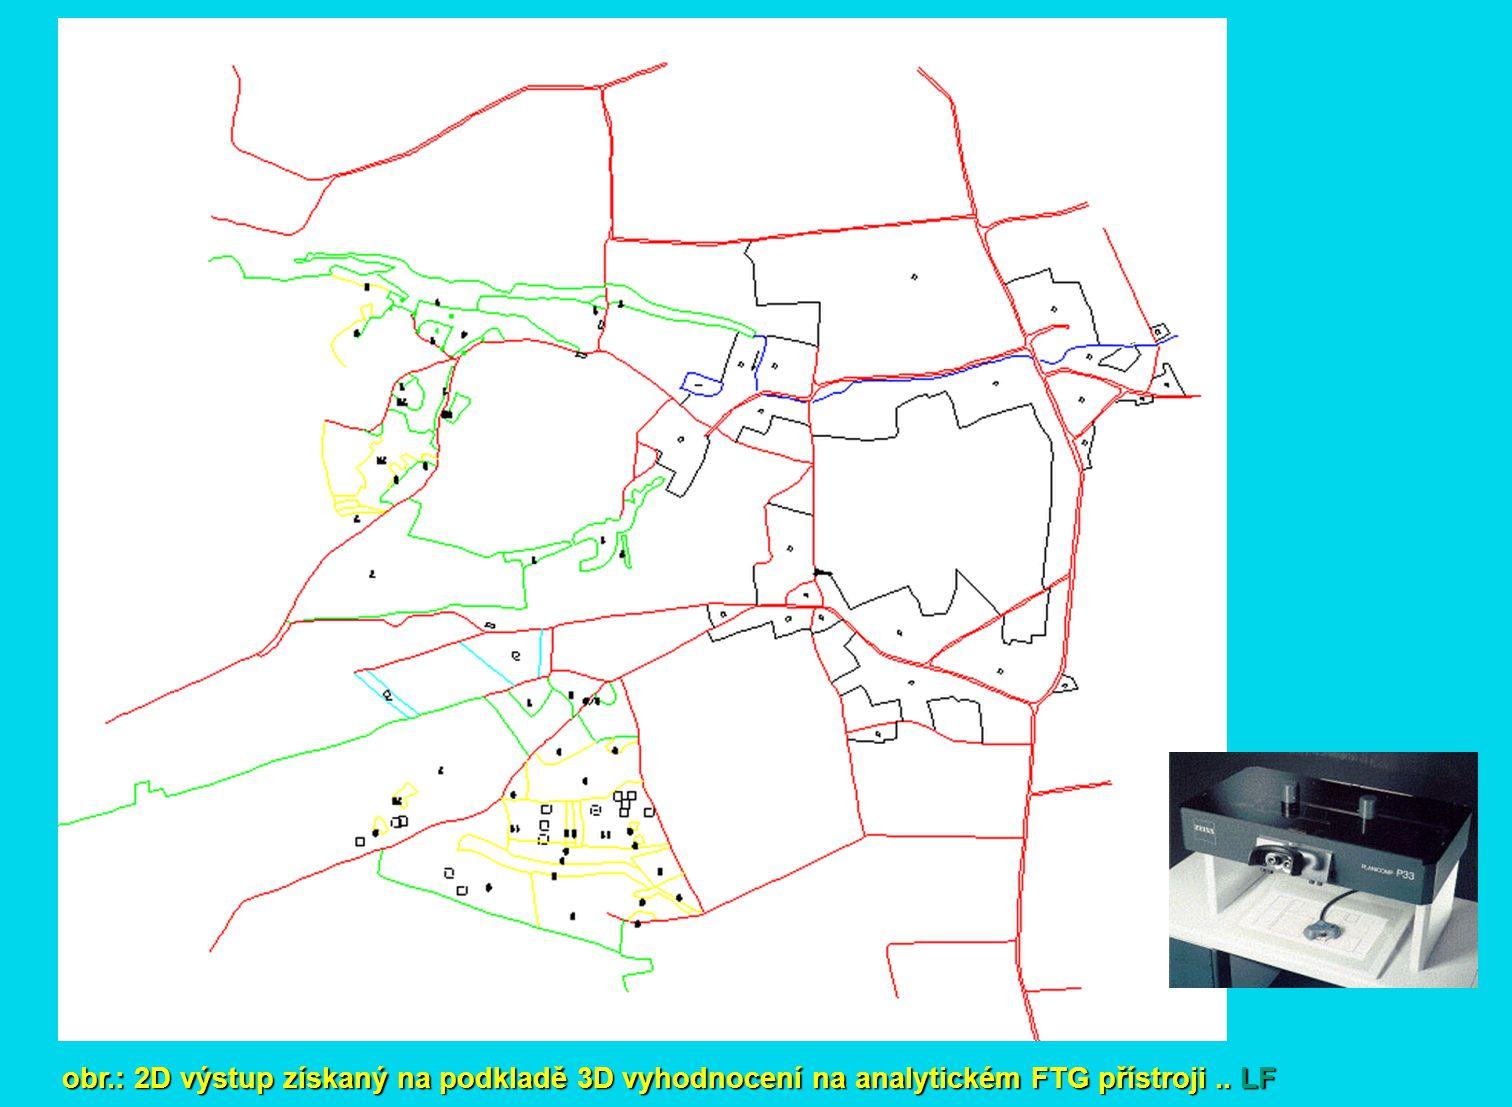 obr.: 2D výstup získaný na podkladě 3D vyhodnocení na analytickém FTG přístroji .. LF